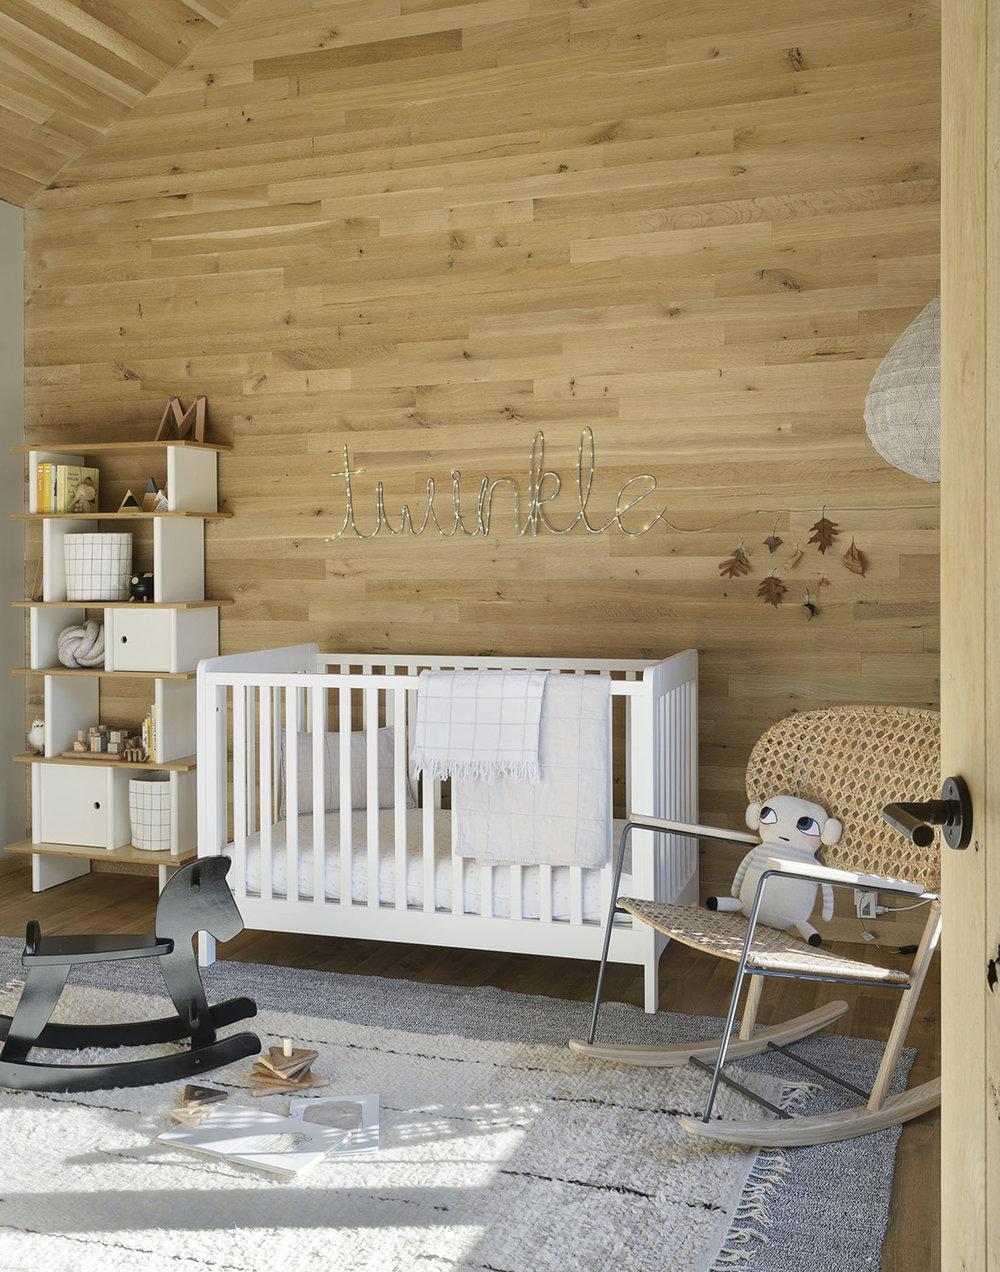 i. Baby's room DSC_4877.jpg